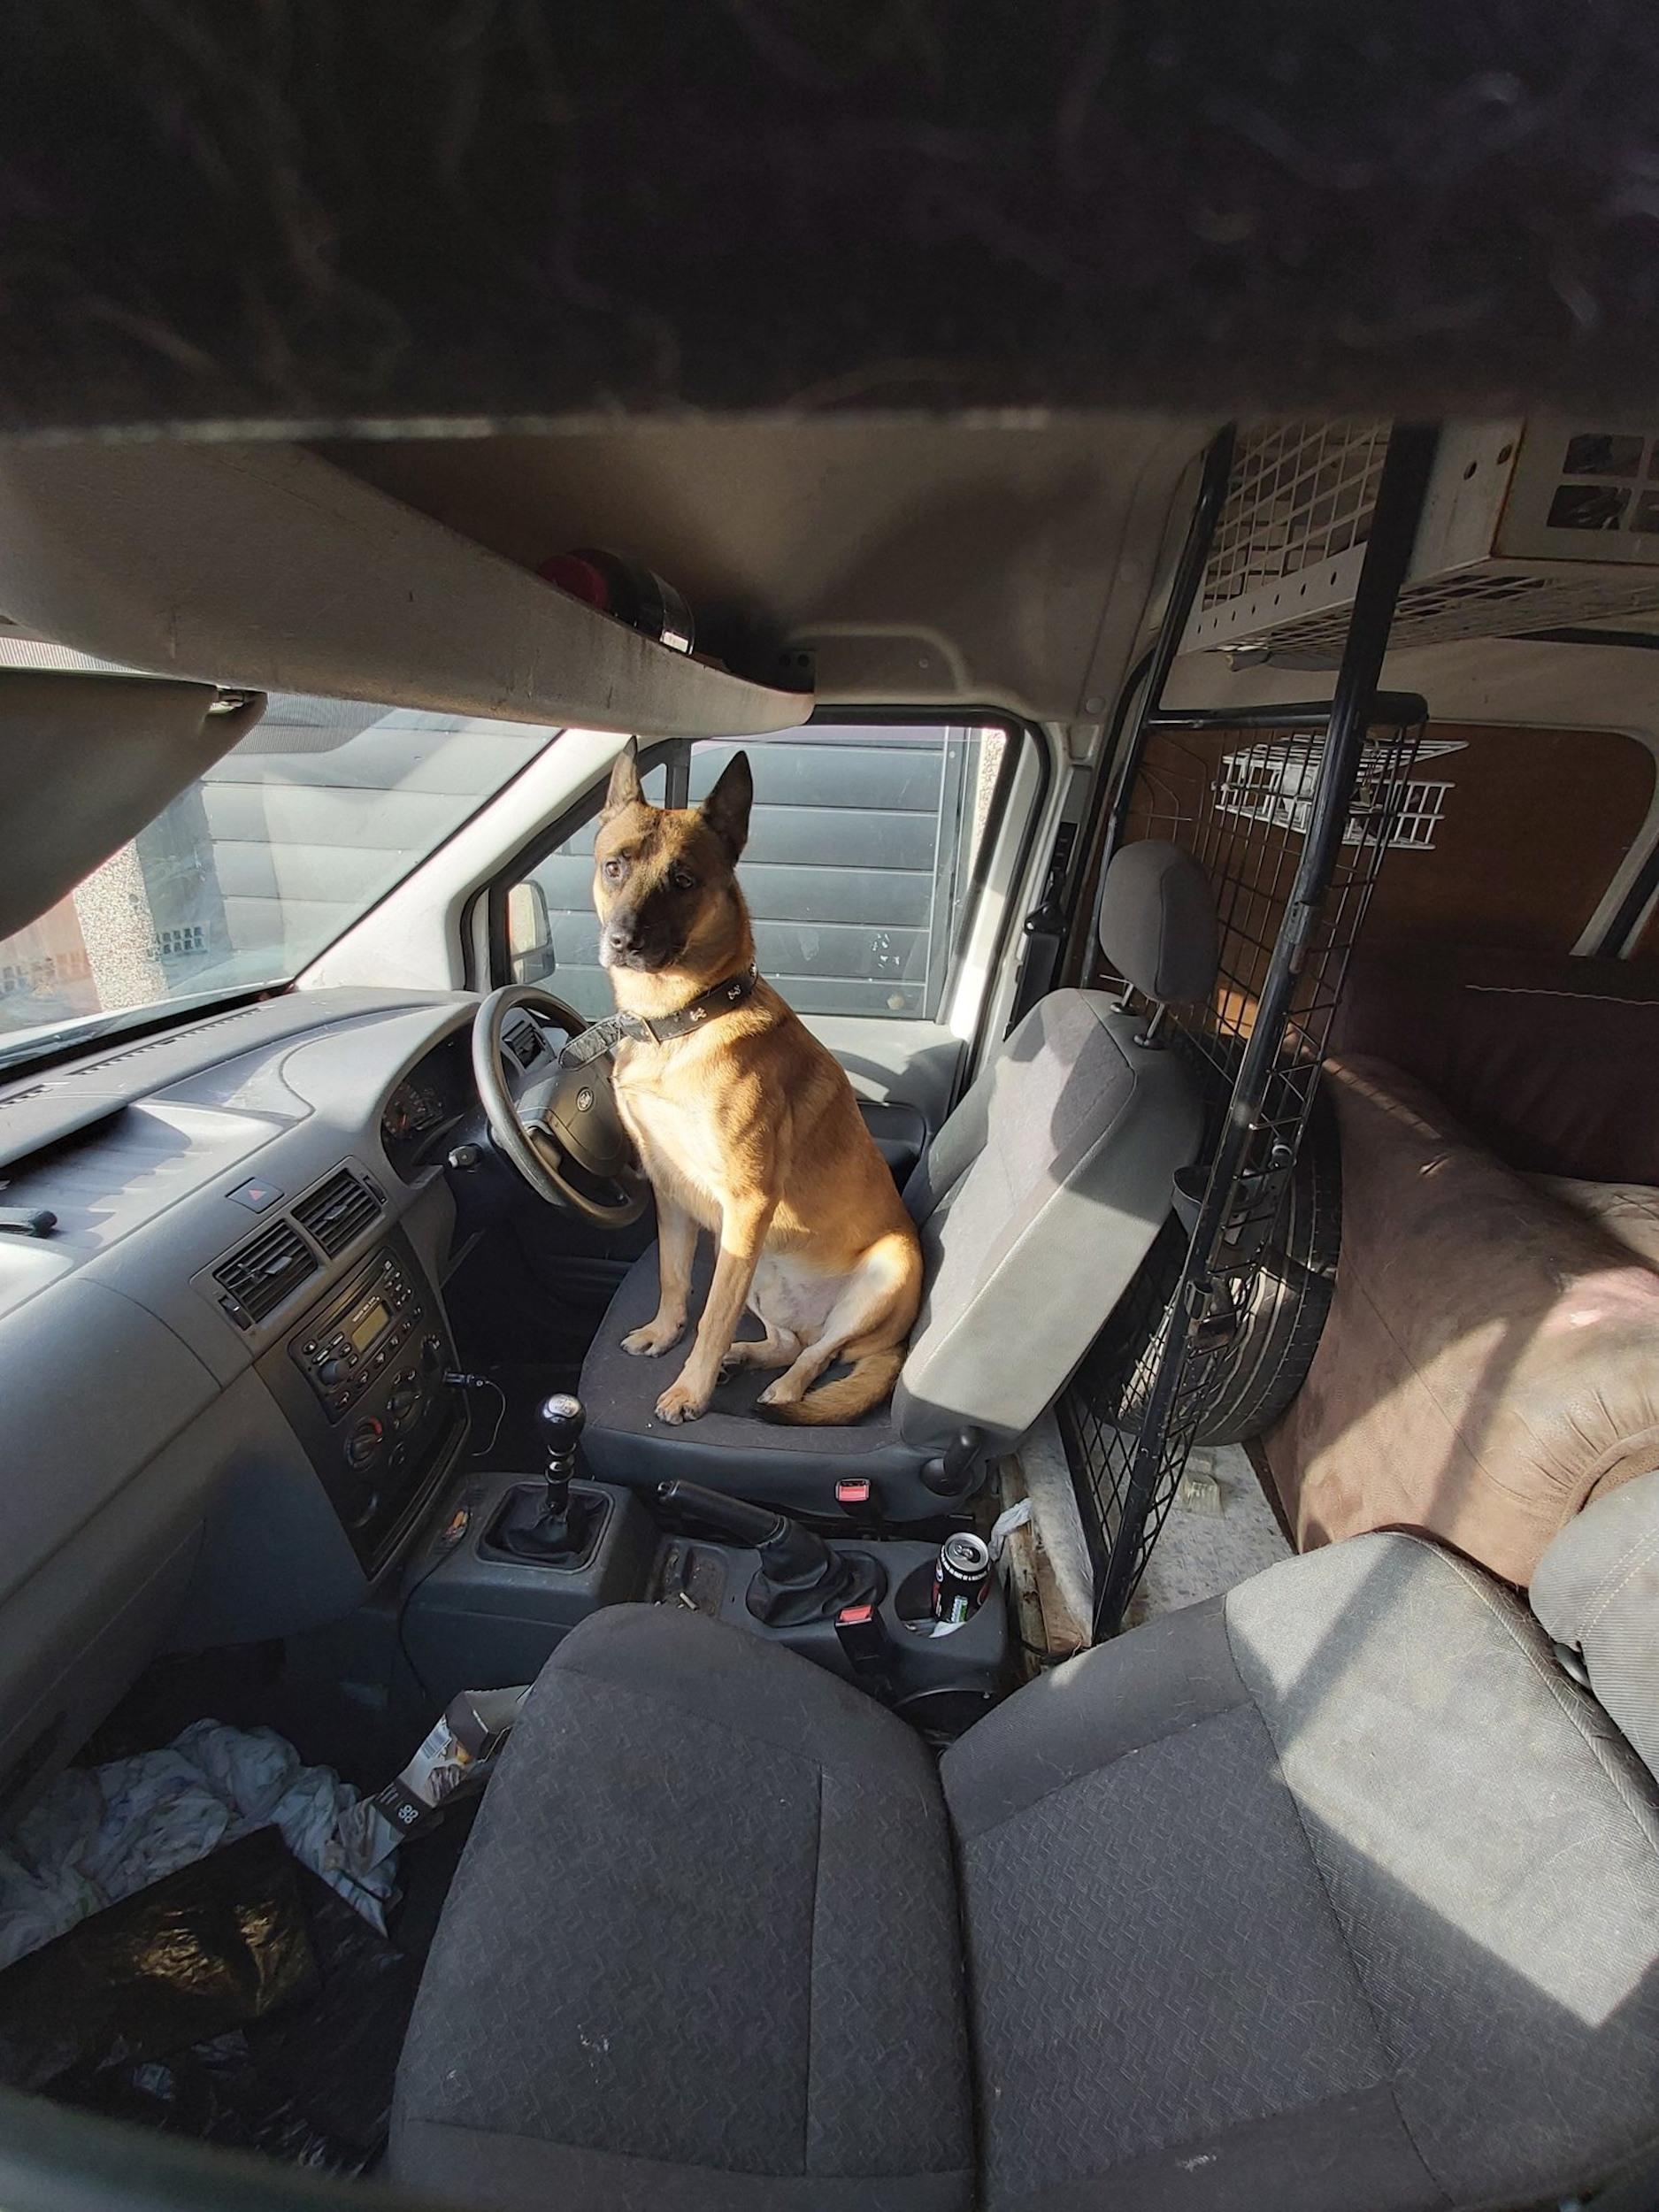 Dog left in van